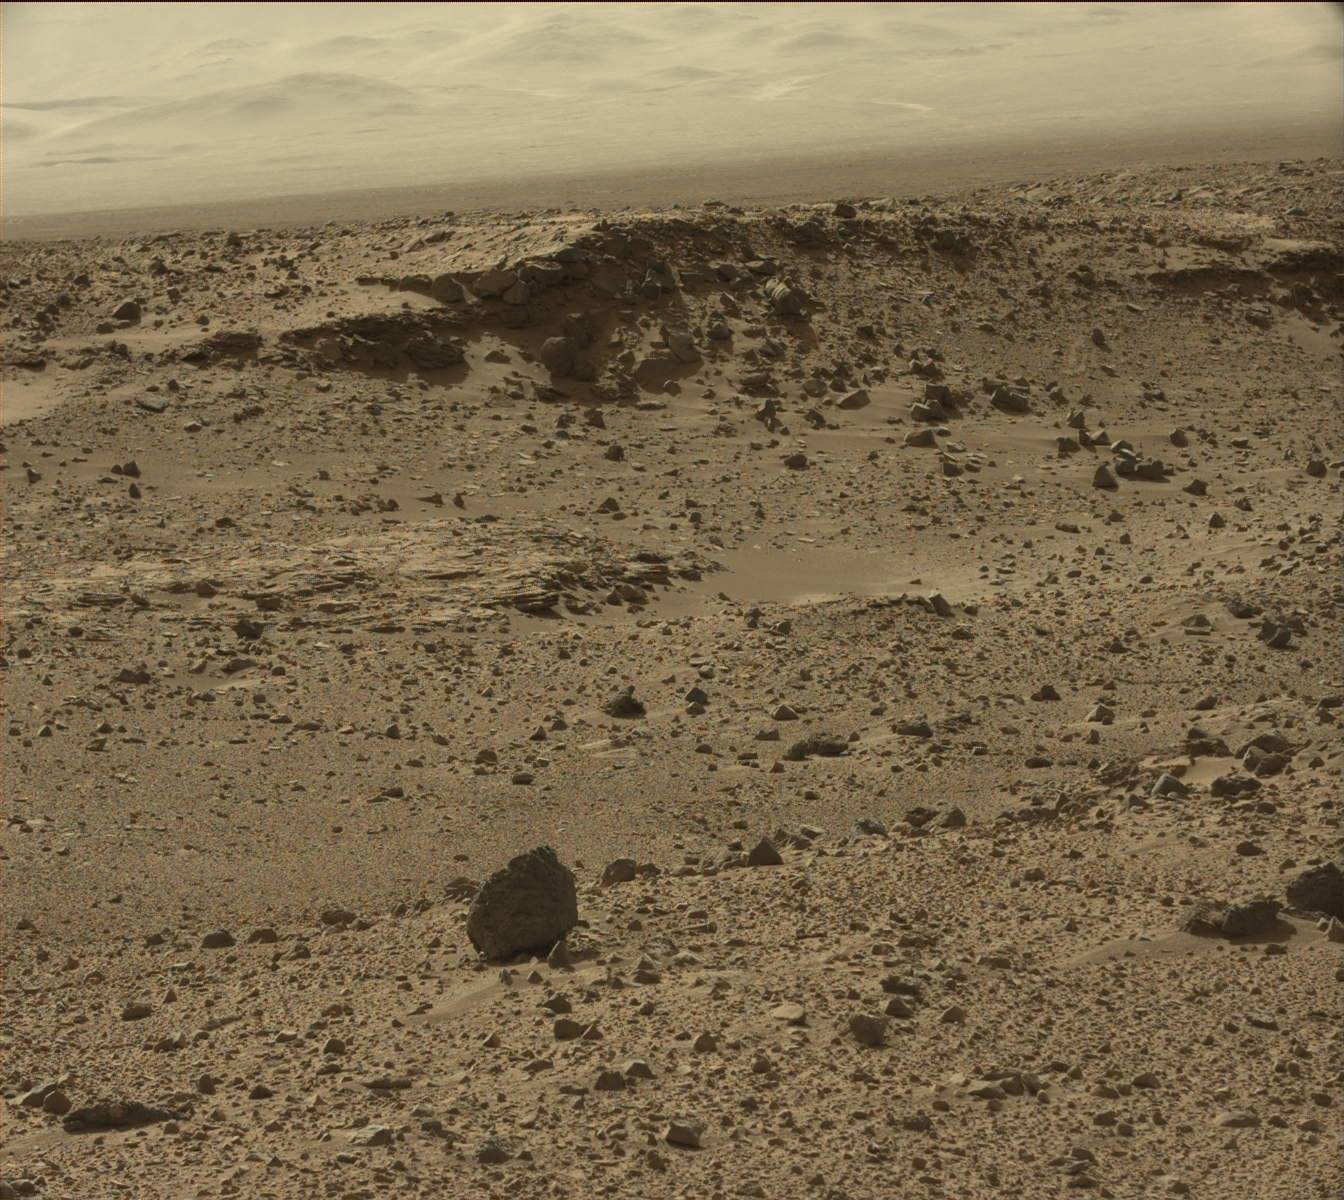 stones of discovery on mars nasa - photo #36